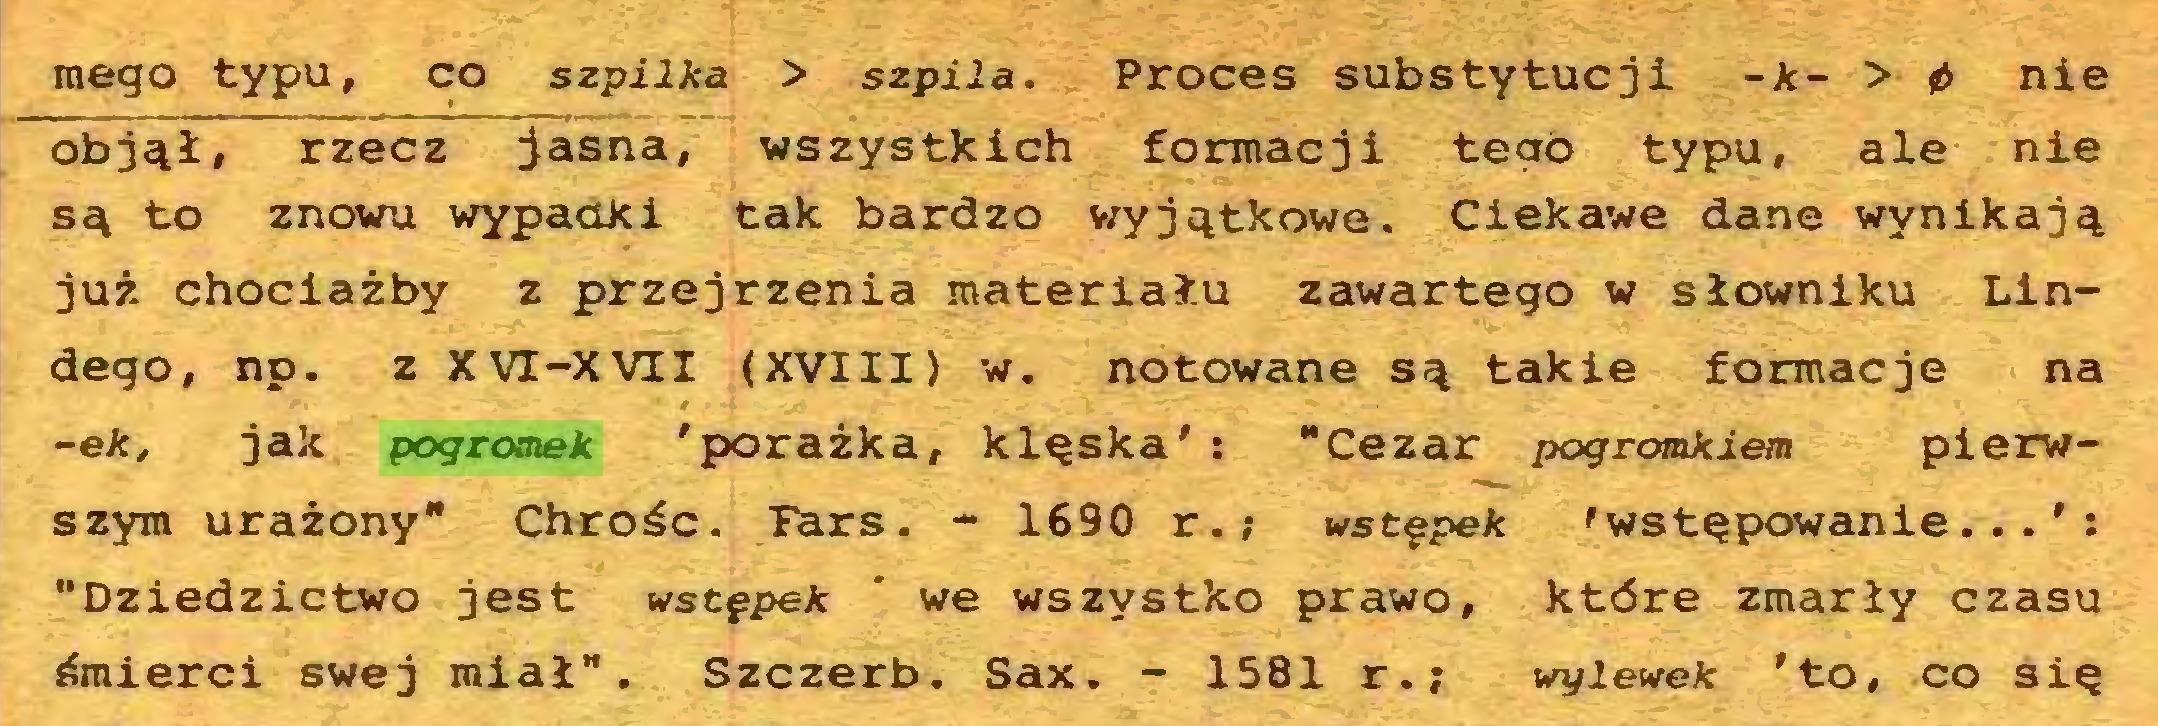 """(...) mego typu, co szpilka > szpila. Proces substytucji -k- > 0 nie objął, rzecz jasna, wszystkich formacji tego typu, ale nie są to znowu wypadki tak bardzo wyjątkowe. Ciekawe dane wynikają już chociażby z przejrzenia materiału zawartego w słowniku Lindego, np. z XVI-XVII (XVIII) w. notowane są takie formacje na ~ek, jak pogromek 'porażka, klęska' : """"Cezar pogromkiem pierwszym urażony"""" Chrośc. lars. - 1690 r.; wstępek 'wstępowanie...': """"Dziedzictwo jest wstępek * we wszystko prawo, które zmarły czasu śmierci swej miał"""". Szczerb. Sax. - 1581 r.; wylewek 'to, co się..."""